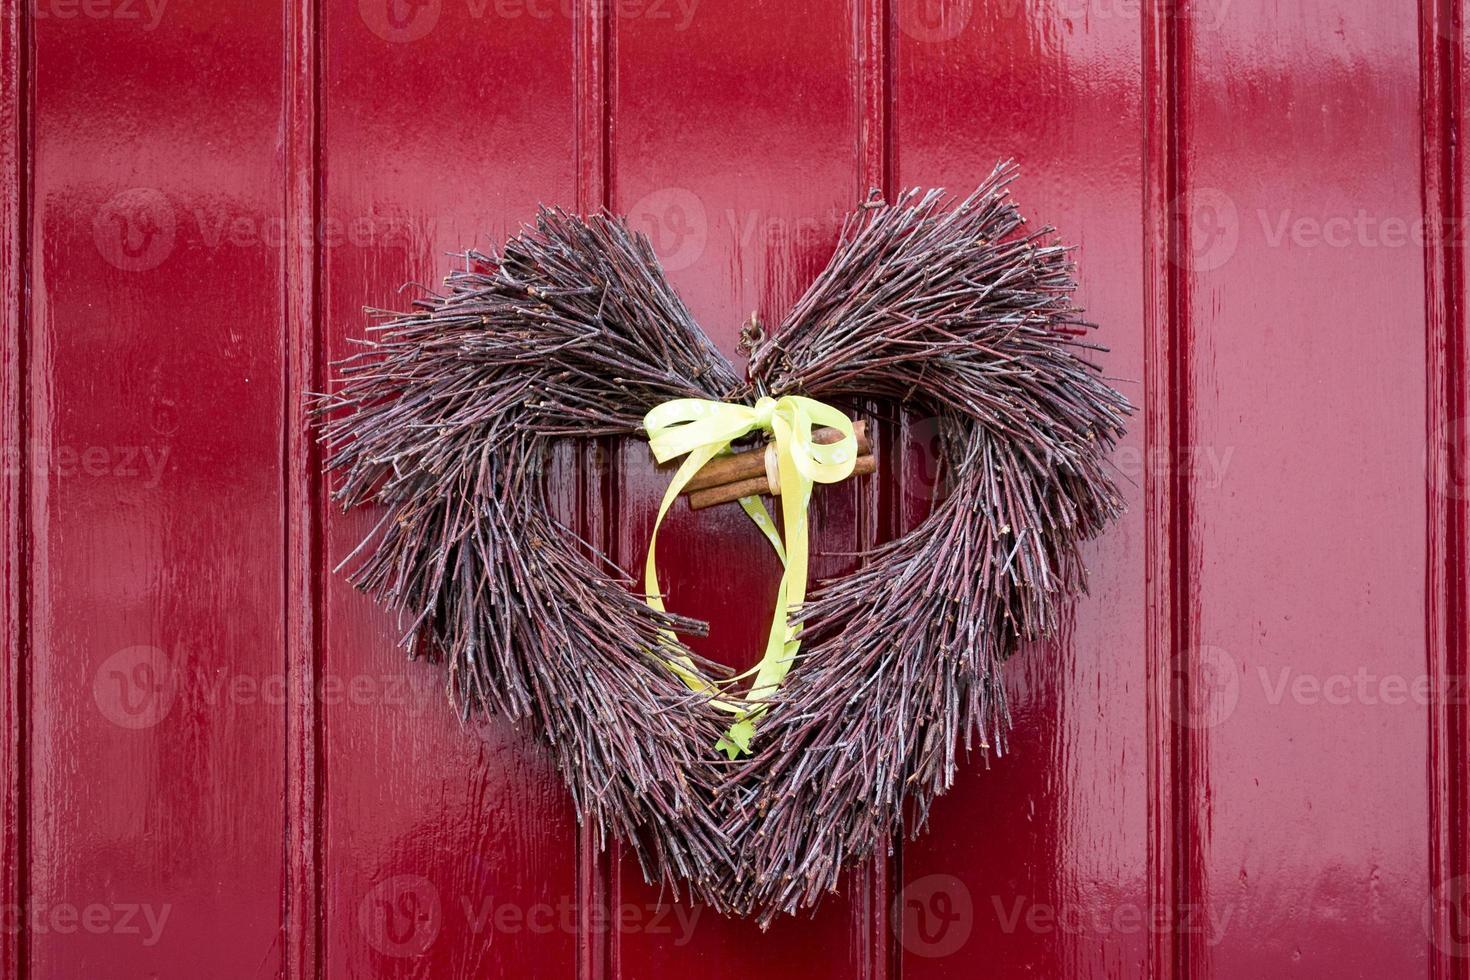 décoration de porte coeur photo